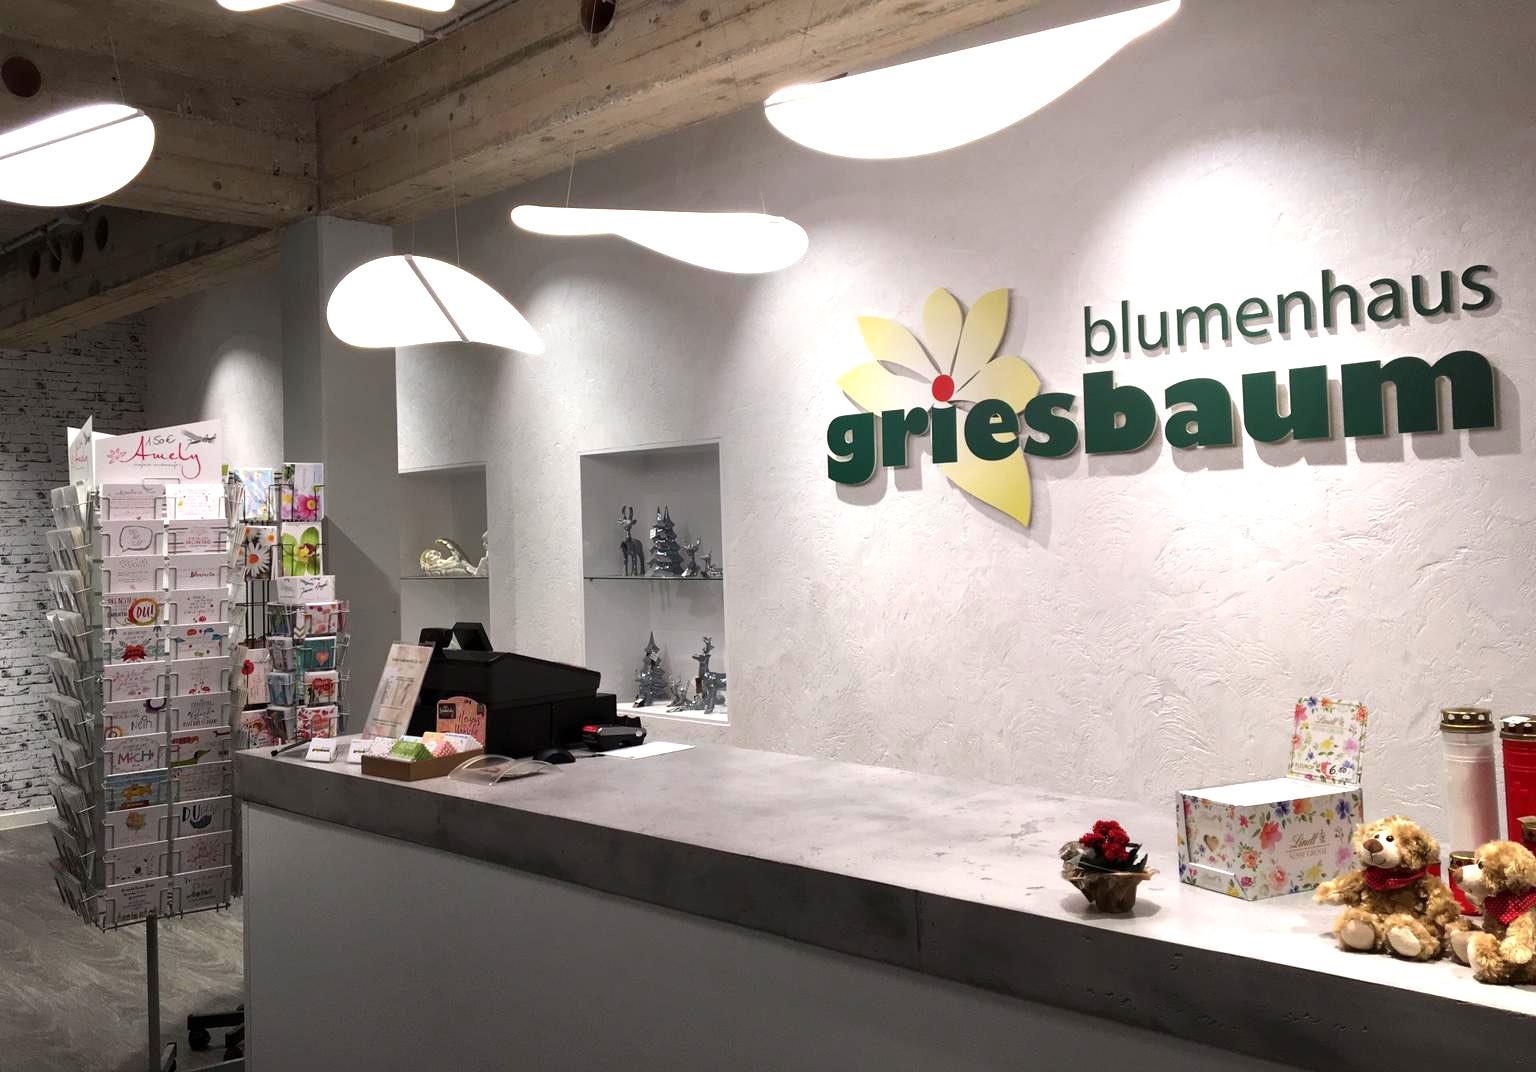 Blumenhaus_Griesbaum_1